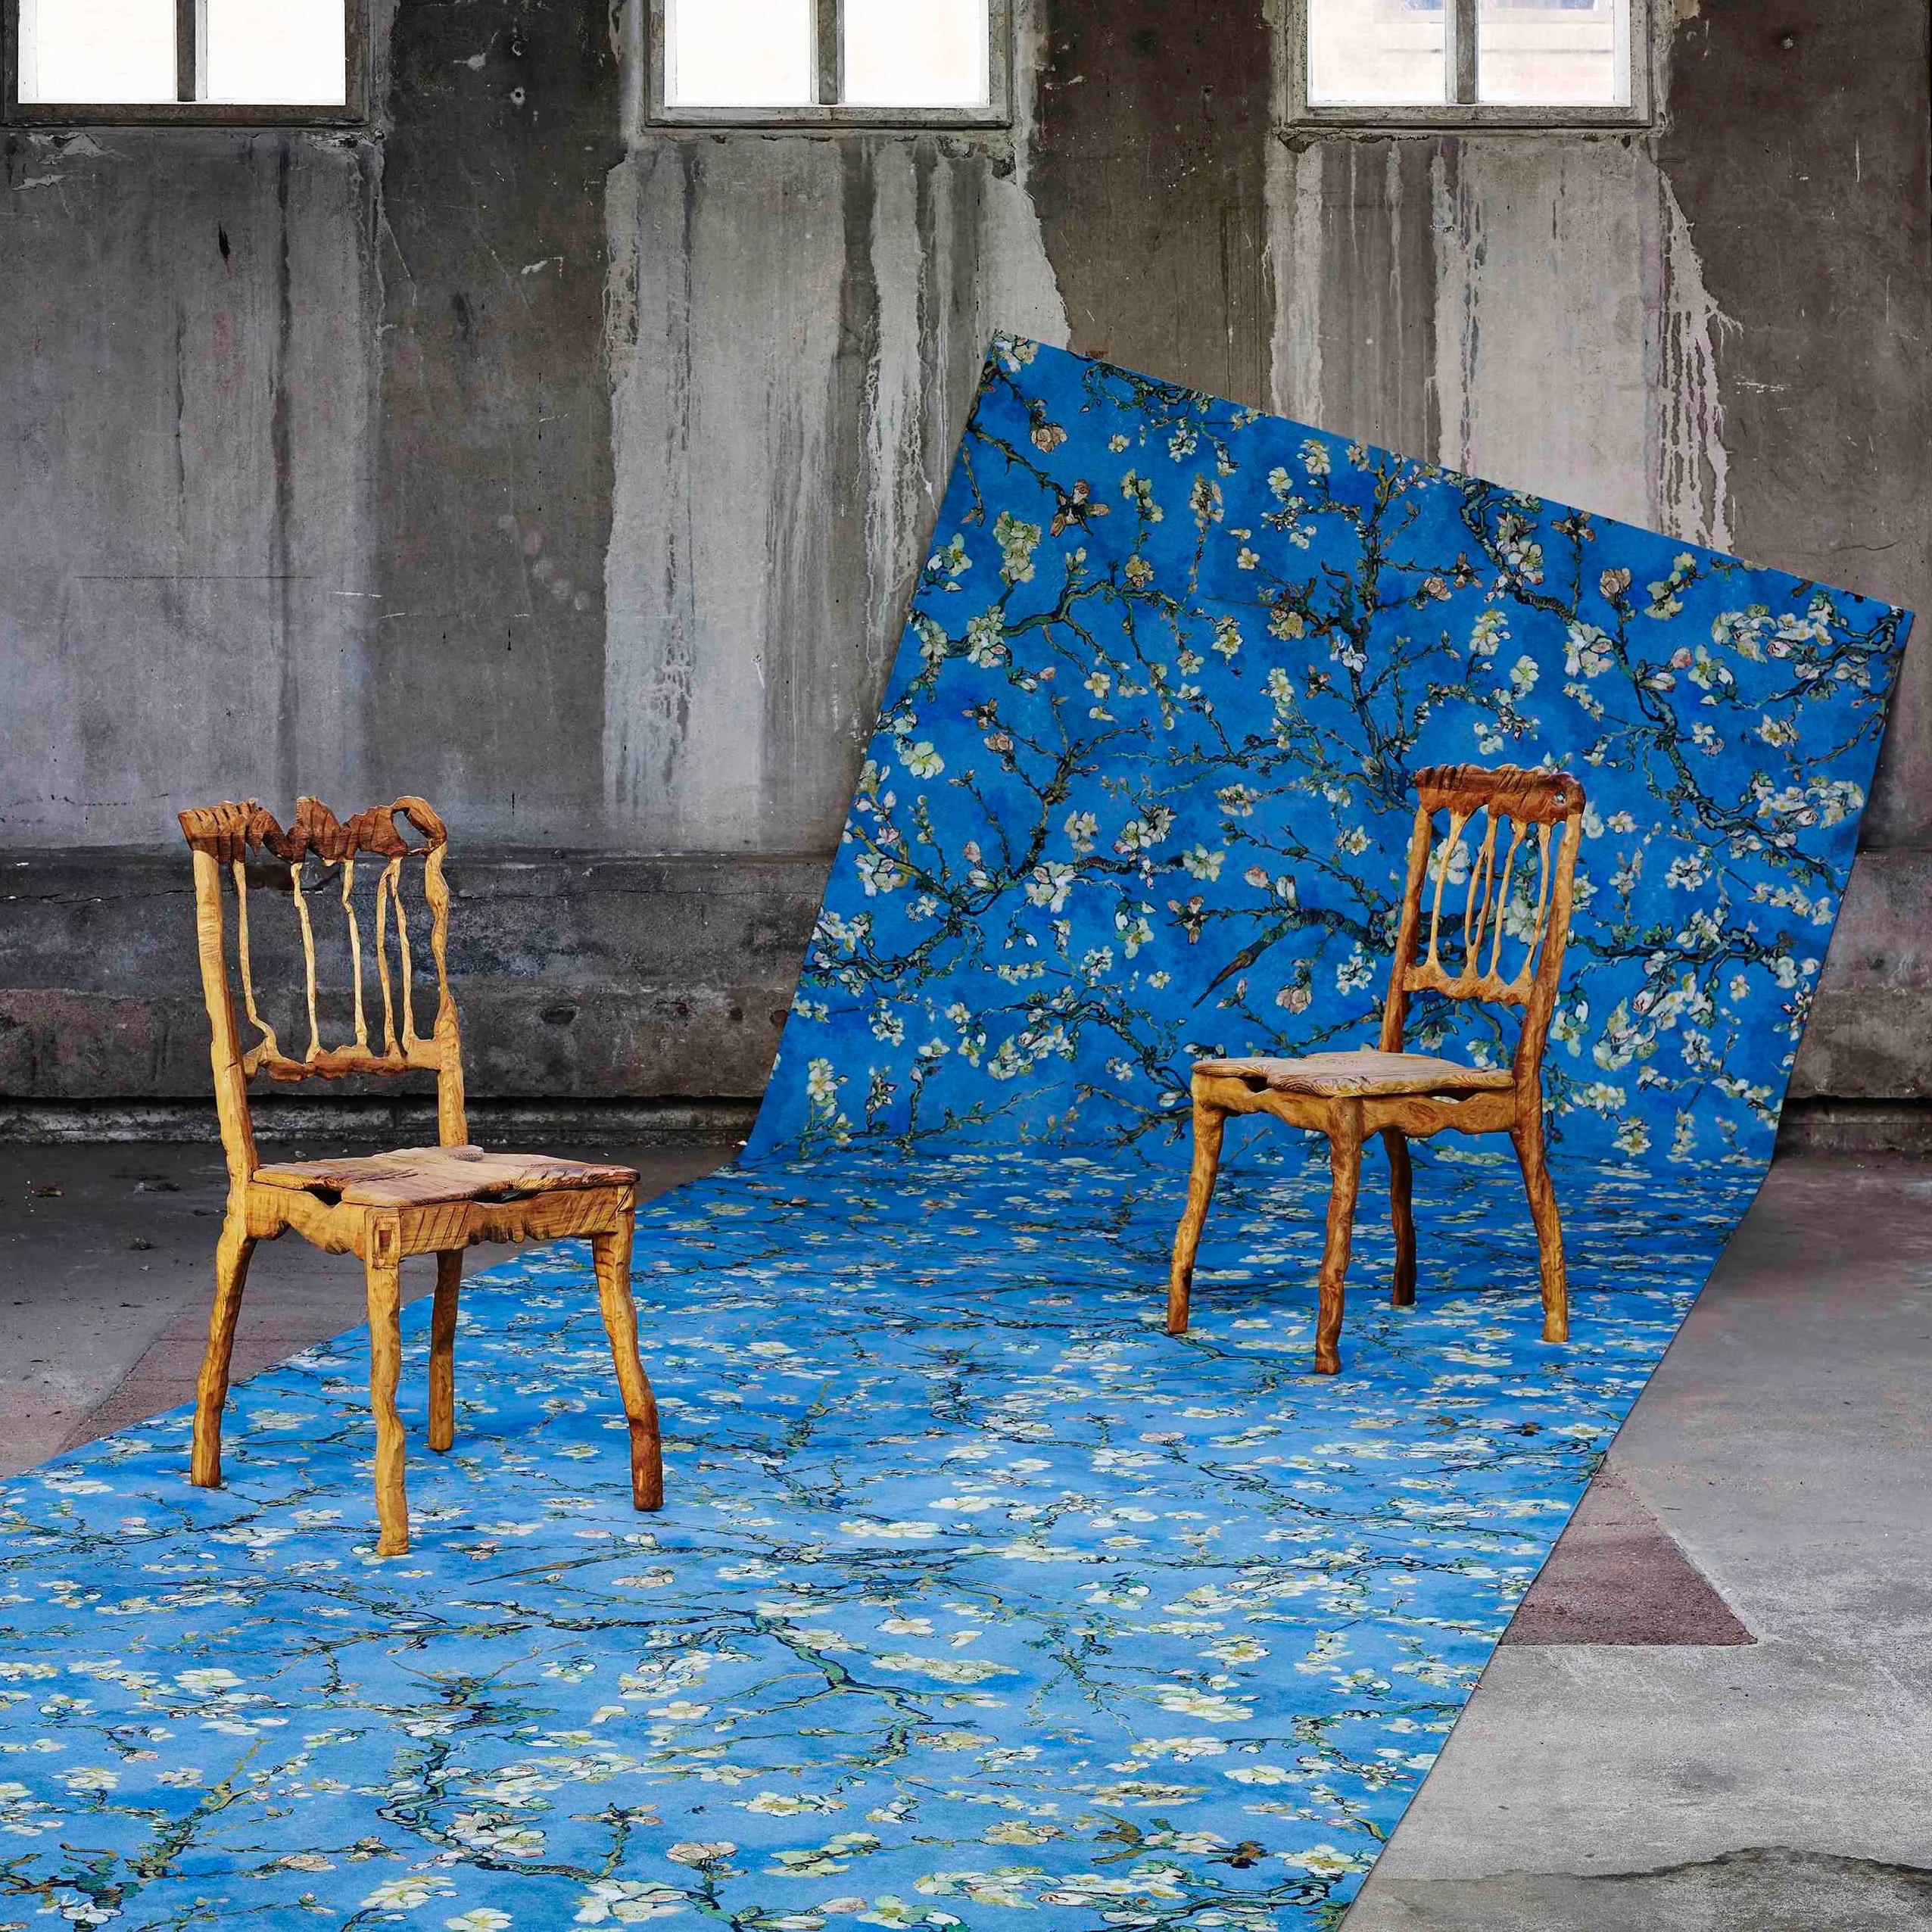 Flotex-Inspired-by-Van-Gogh2